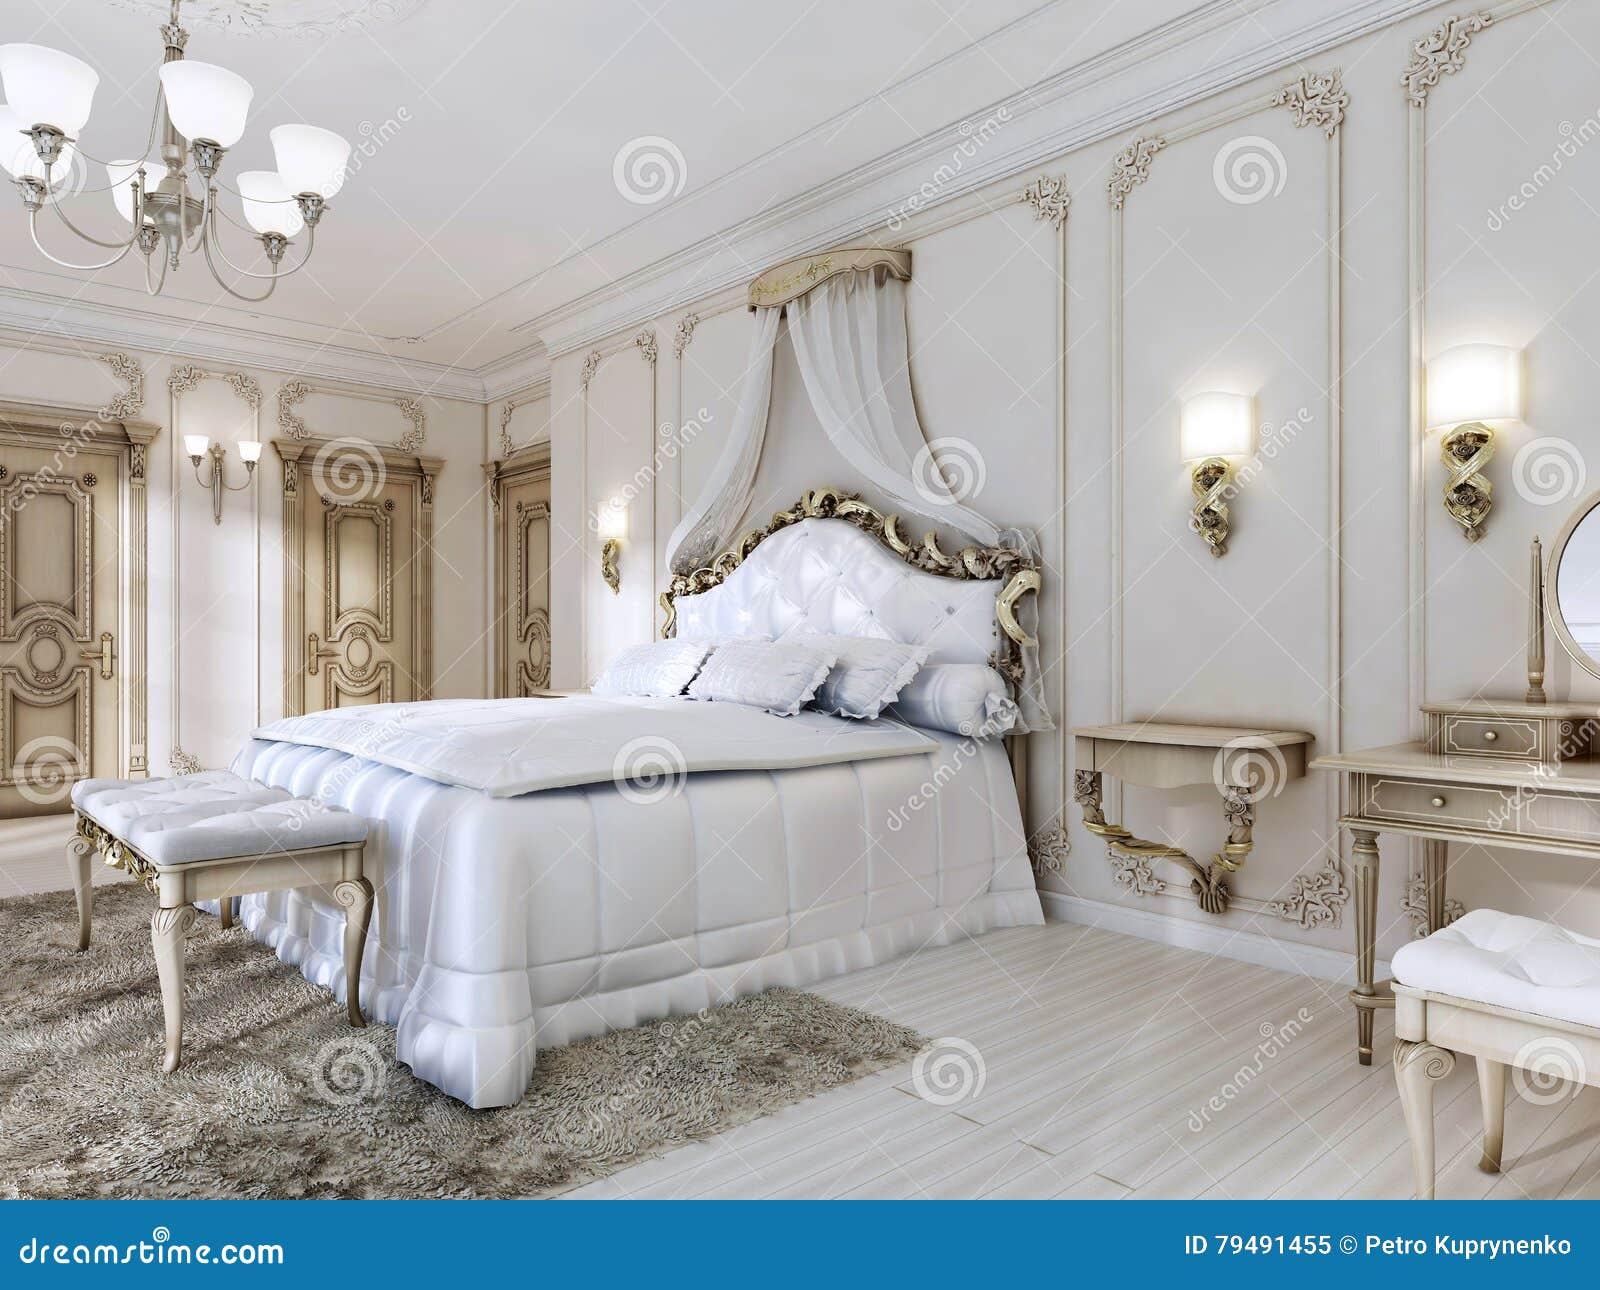 Download Luxuriöses Schlafzimmer In Den Weißen Farben In Einer Klassischen  Art Stock Abbildung   Illustration Von